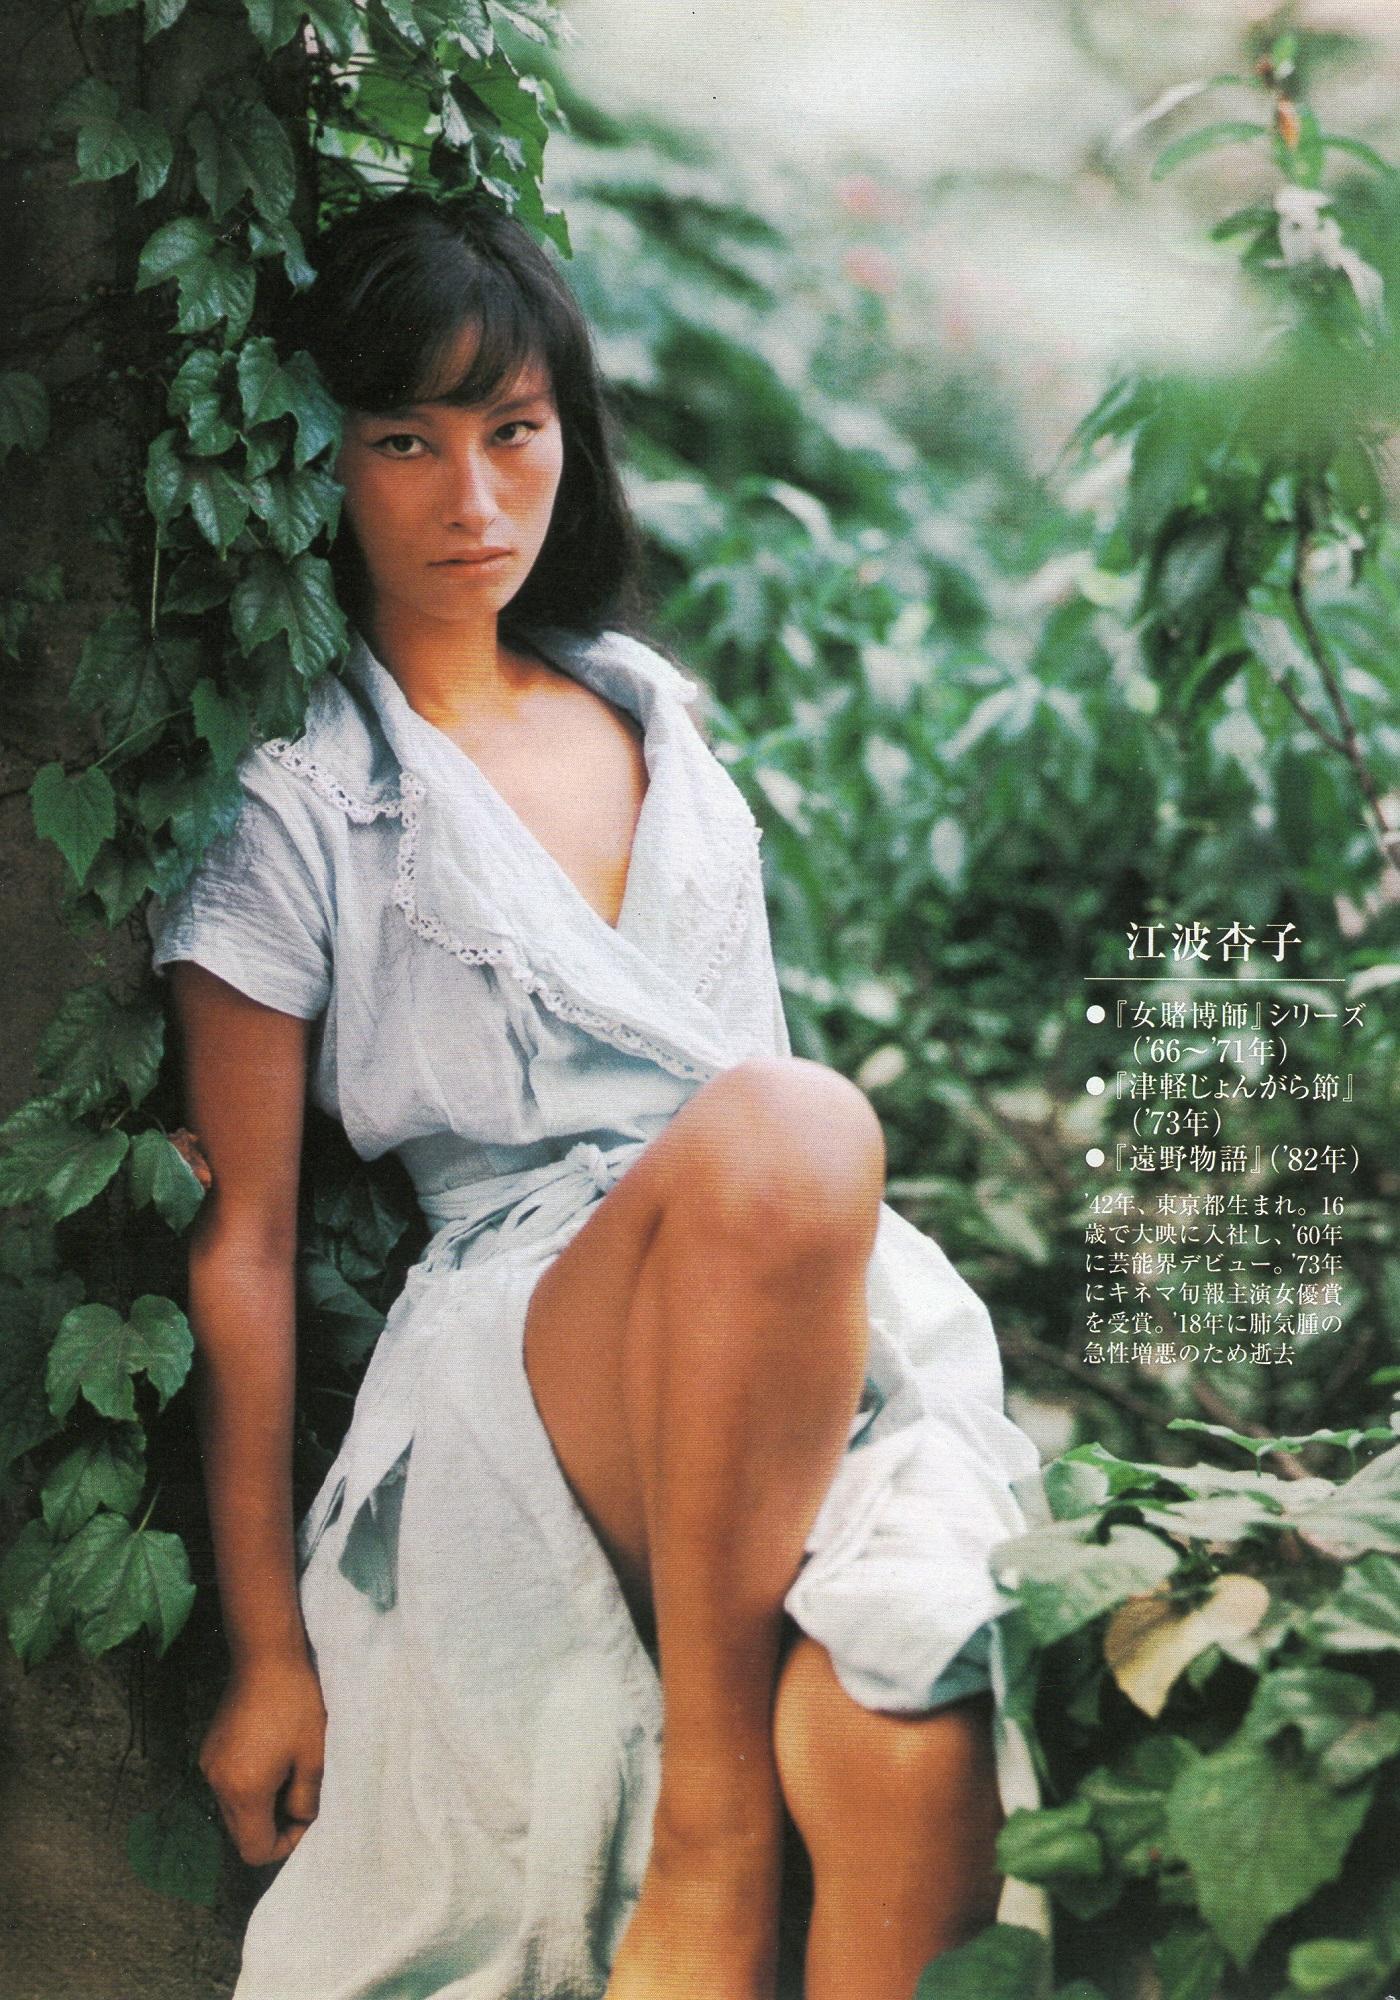 2020.11.7 週刊現代 (1) 江波杏子さん 1400-2000